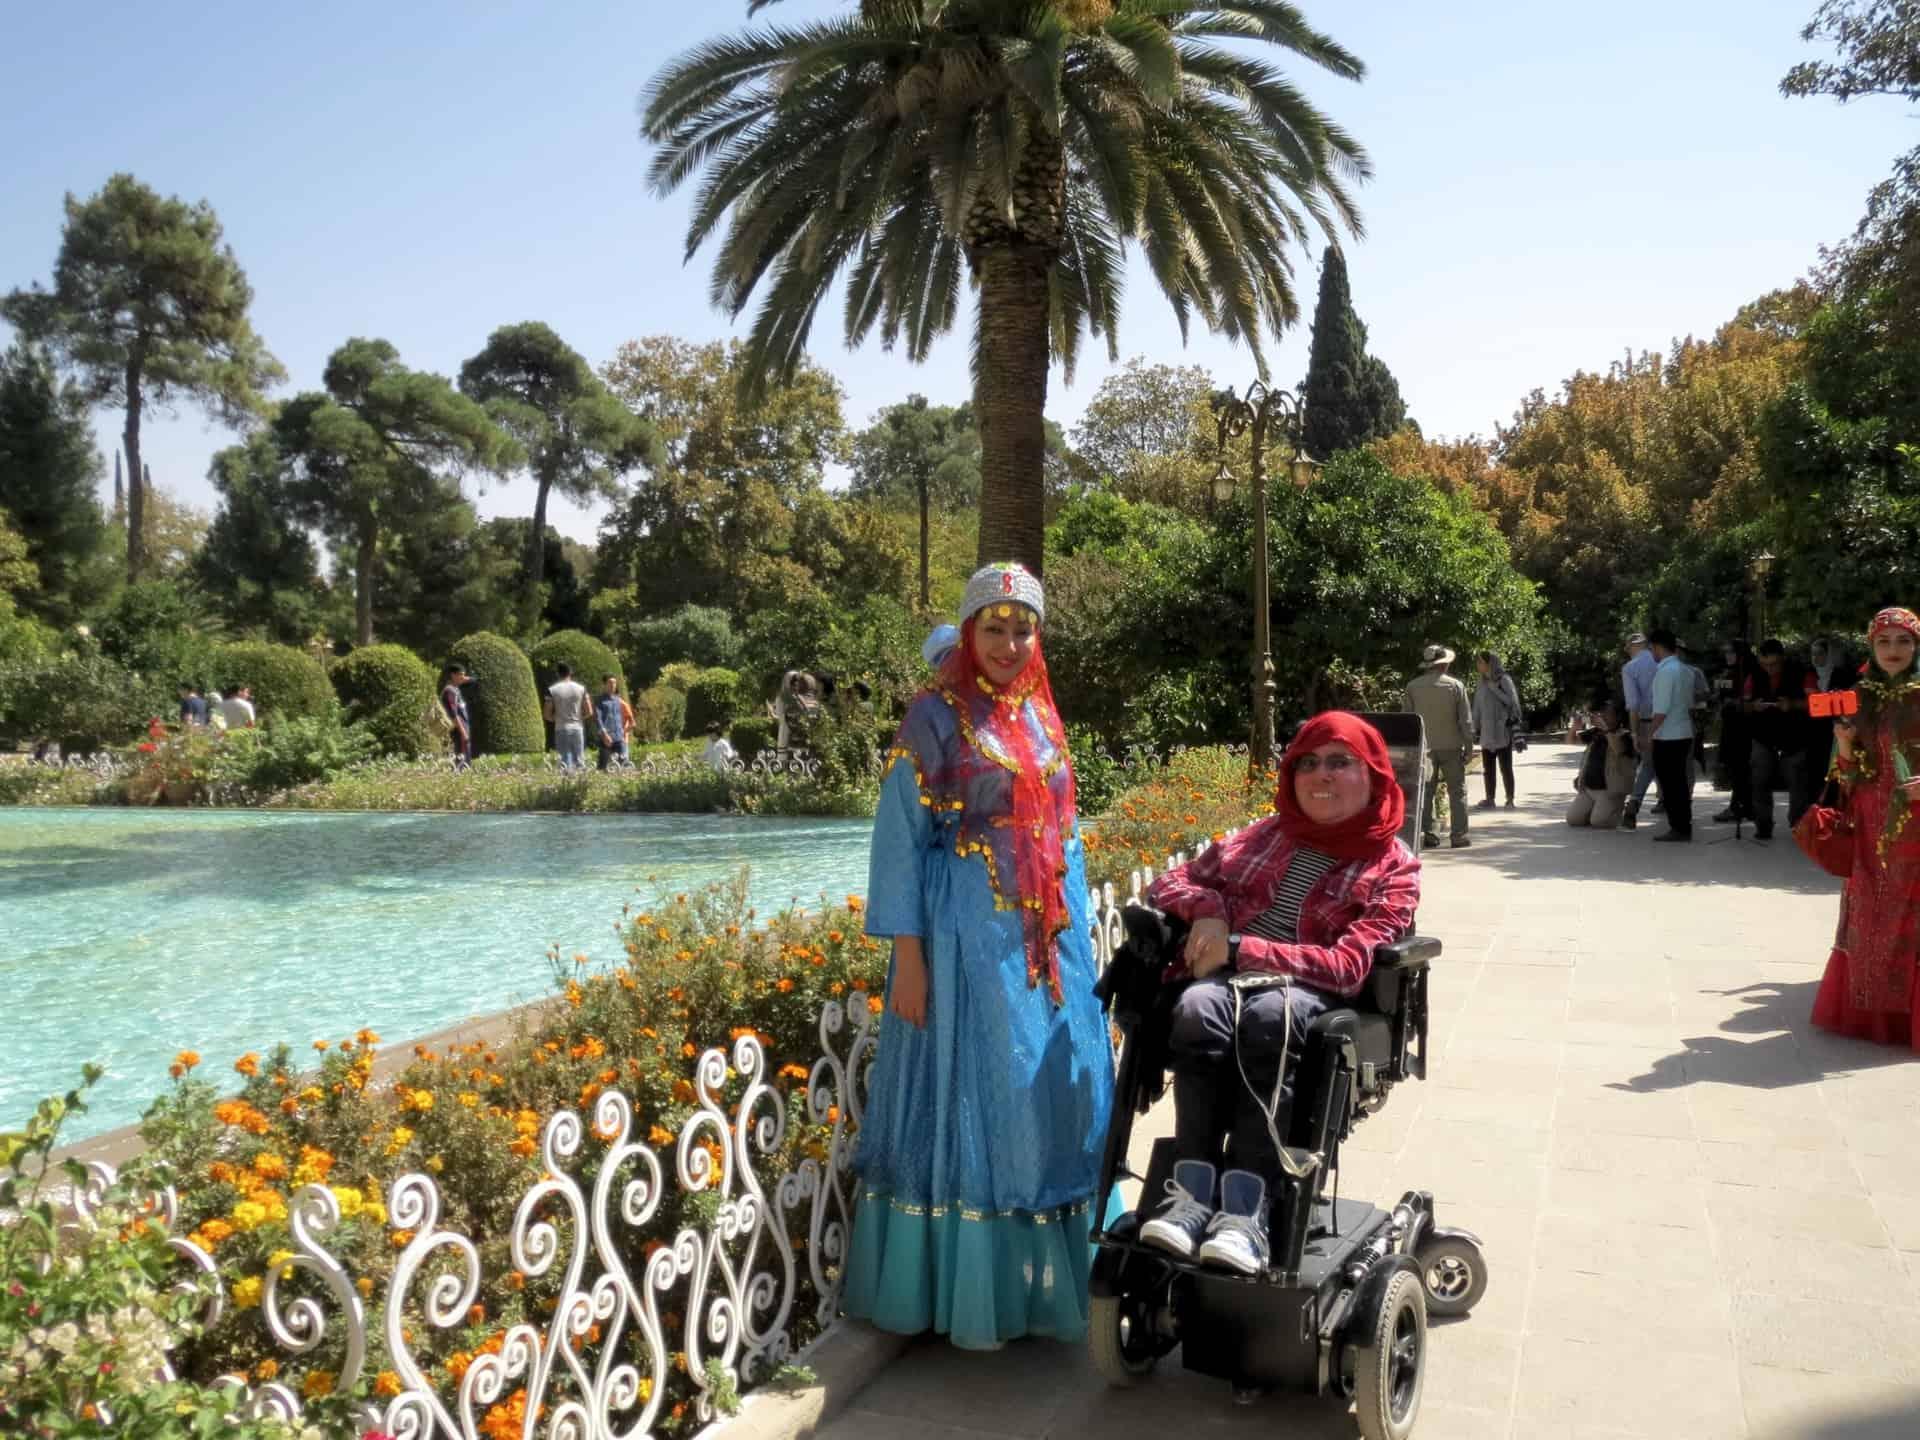 Rejsedeltagere ved Eram-haven i Shiraz